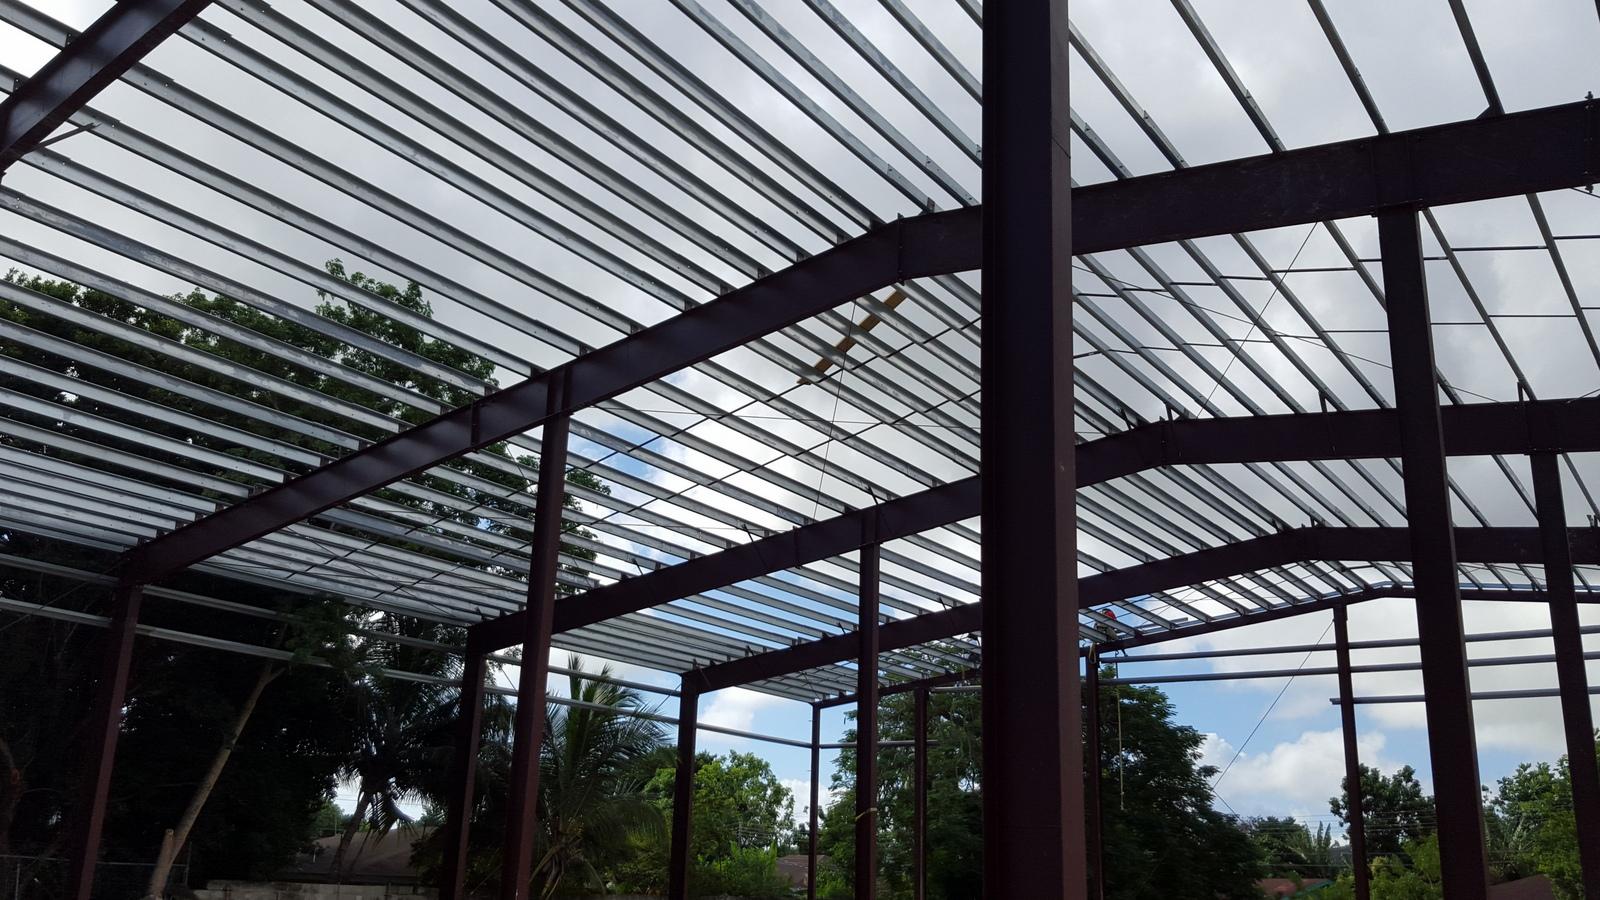 bahamas steel buildings